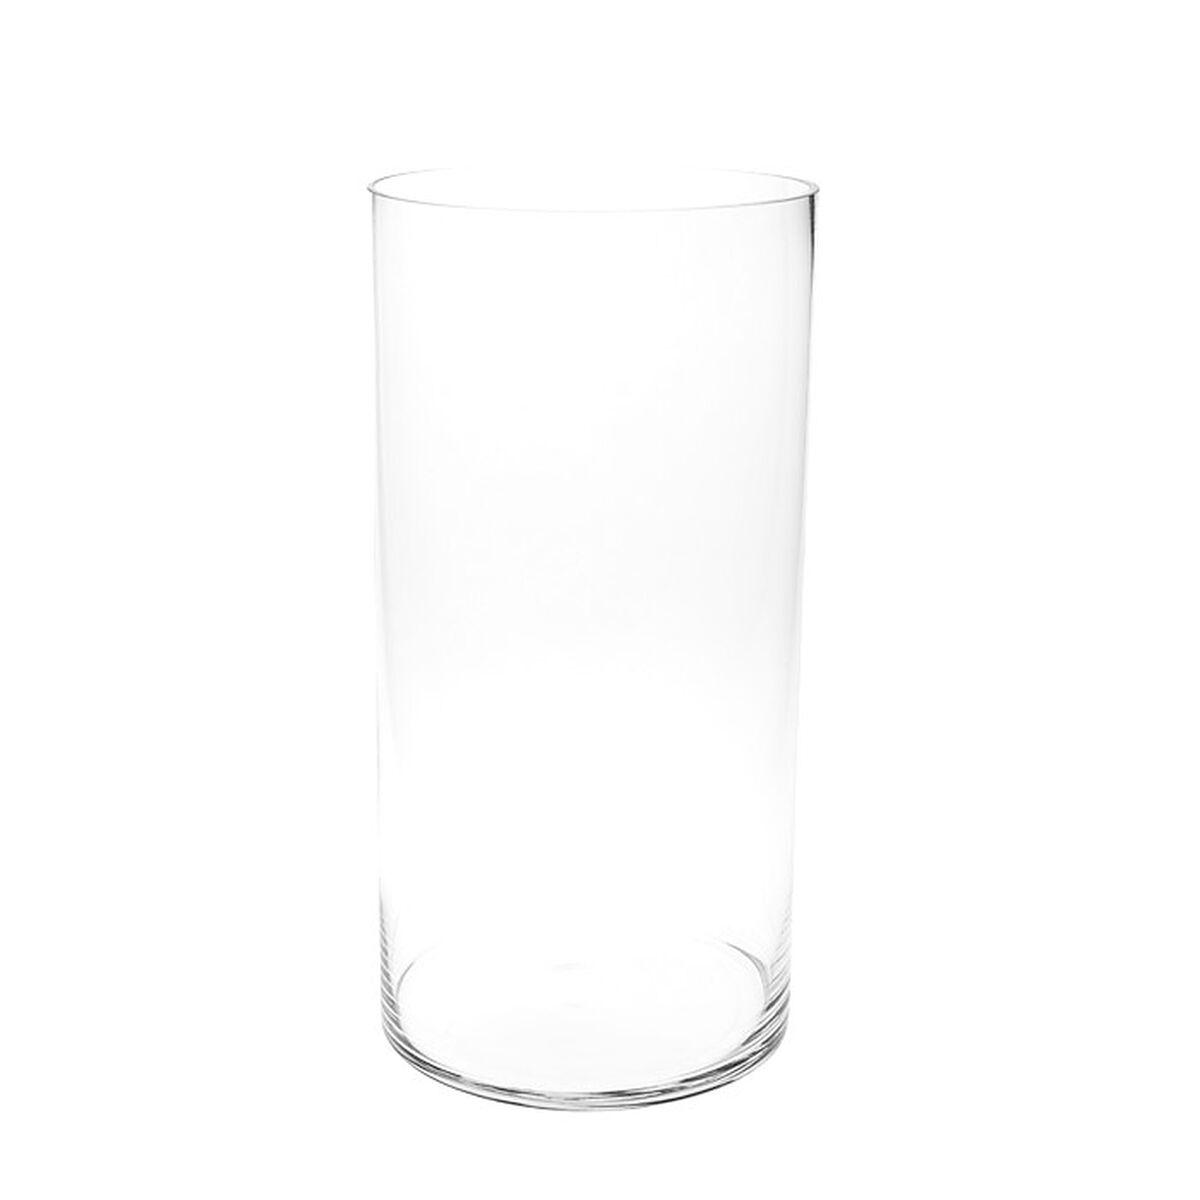 zylinder bodenvase aus glas ca d 20cm x h 50cm klar depot de. Black Bedroom Furniture Sets. Home Design Ideas